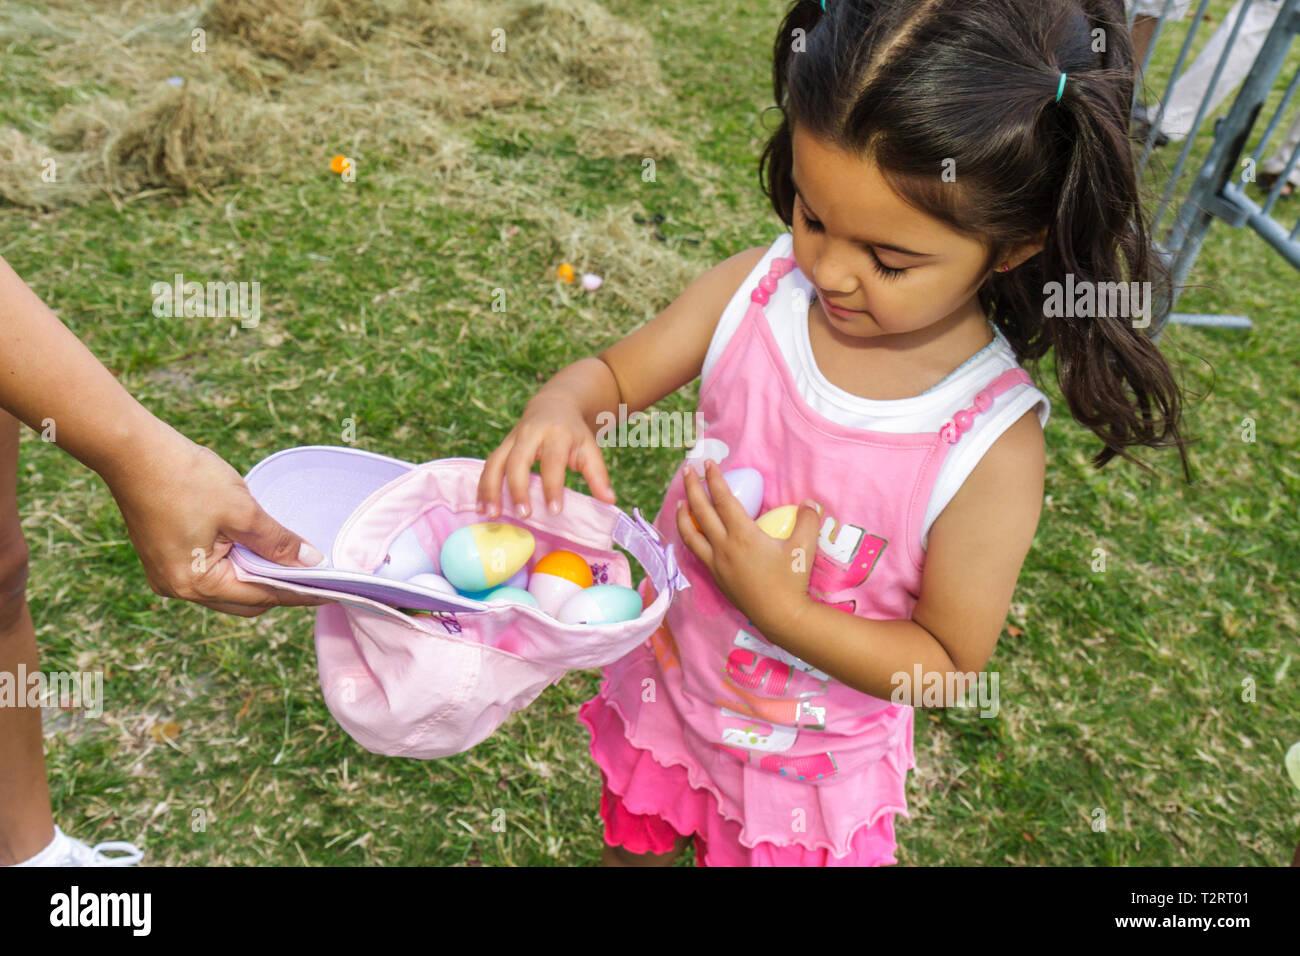 Miami Florida Margaret Pace Park Pasqua Eggstravaganza evento familiare caccia all'uovo di tradizione vacanze uovo di plastica raccogliere ragazza ispanica Immagini Stock